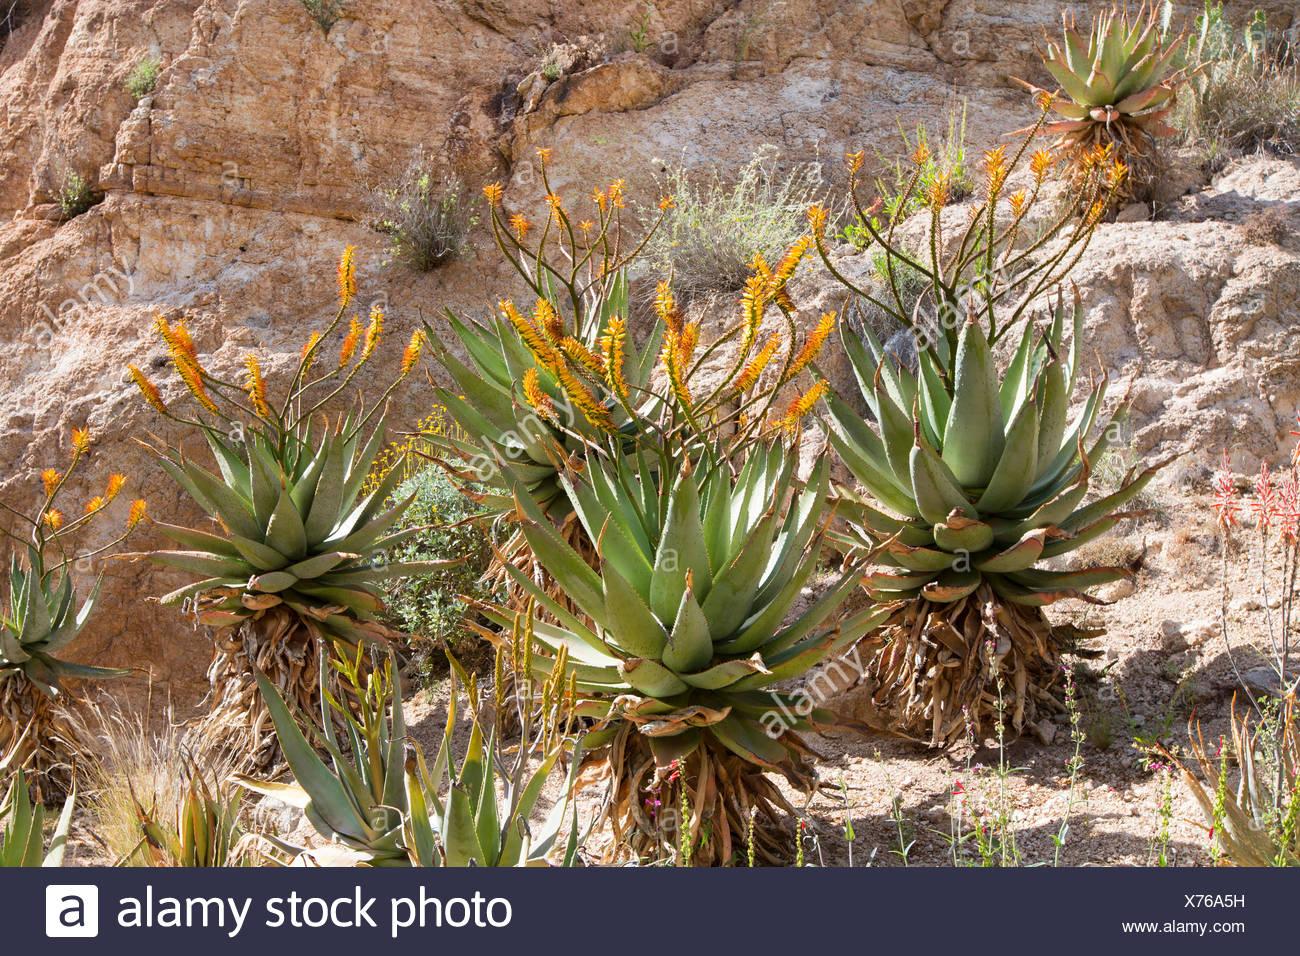 Mountain Aloe, piatto flowerd Aloe, grande spinosa aloe (Aloe marlothii), fioritura gruppo in corrispondenza di una parete di roccia, STATI UNITI D'AMERICA, Arizona, Boyce Thompson Arboretum Immagini Stock